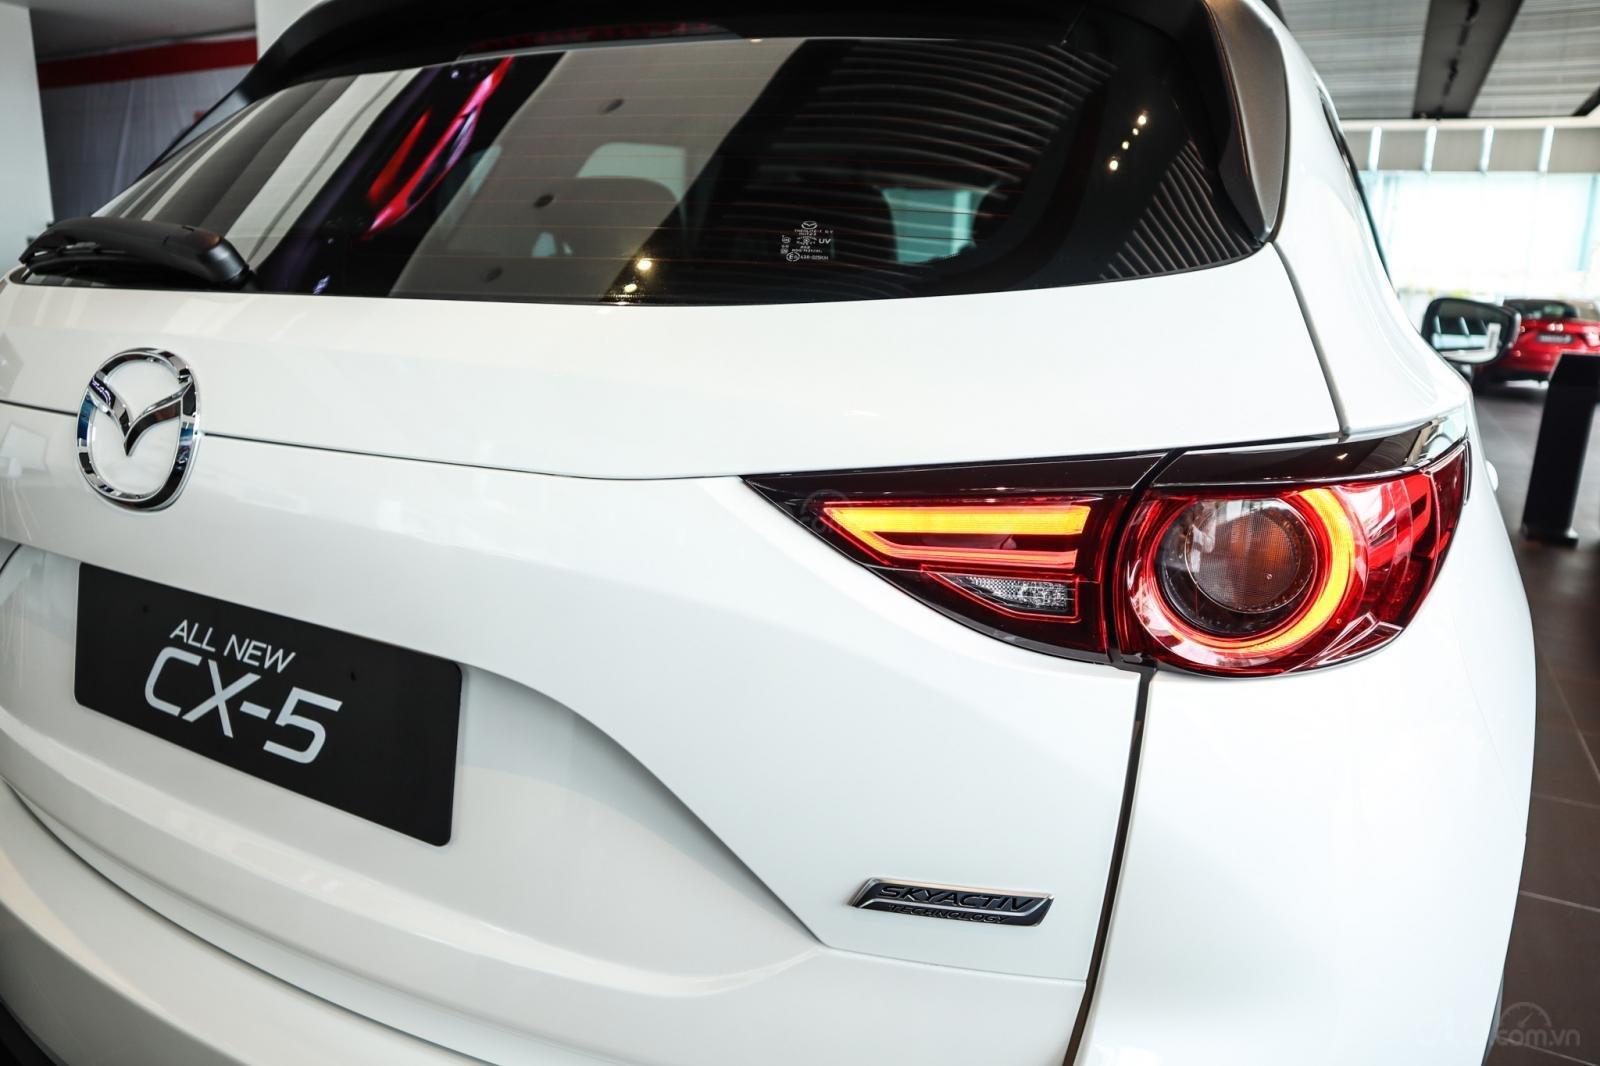 Bán Mazda CX5 đẳng cấp thời thượng, là sự lựa chọn thông minh và giá hợp lý (10)